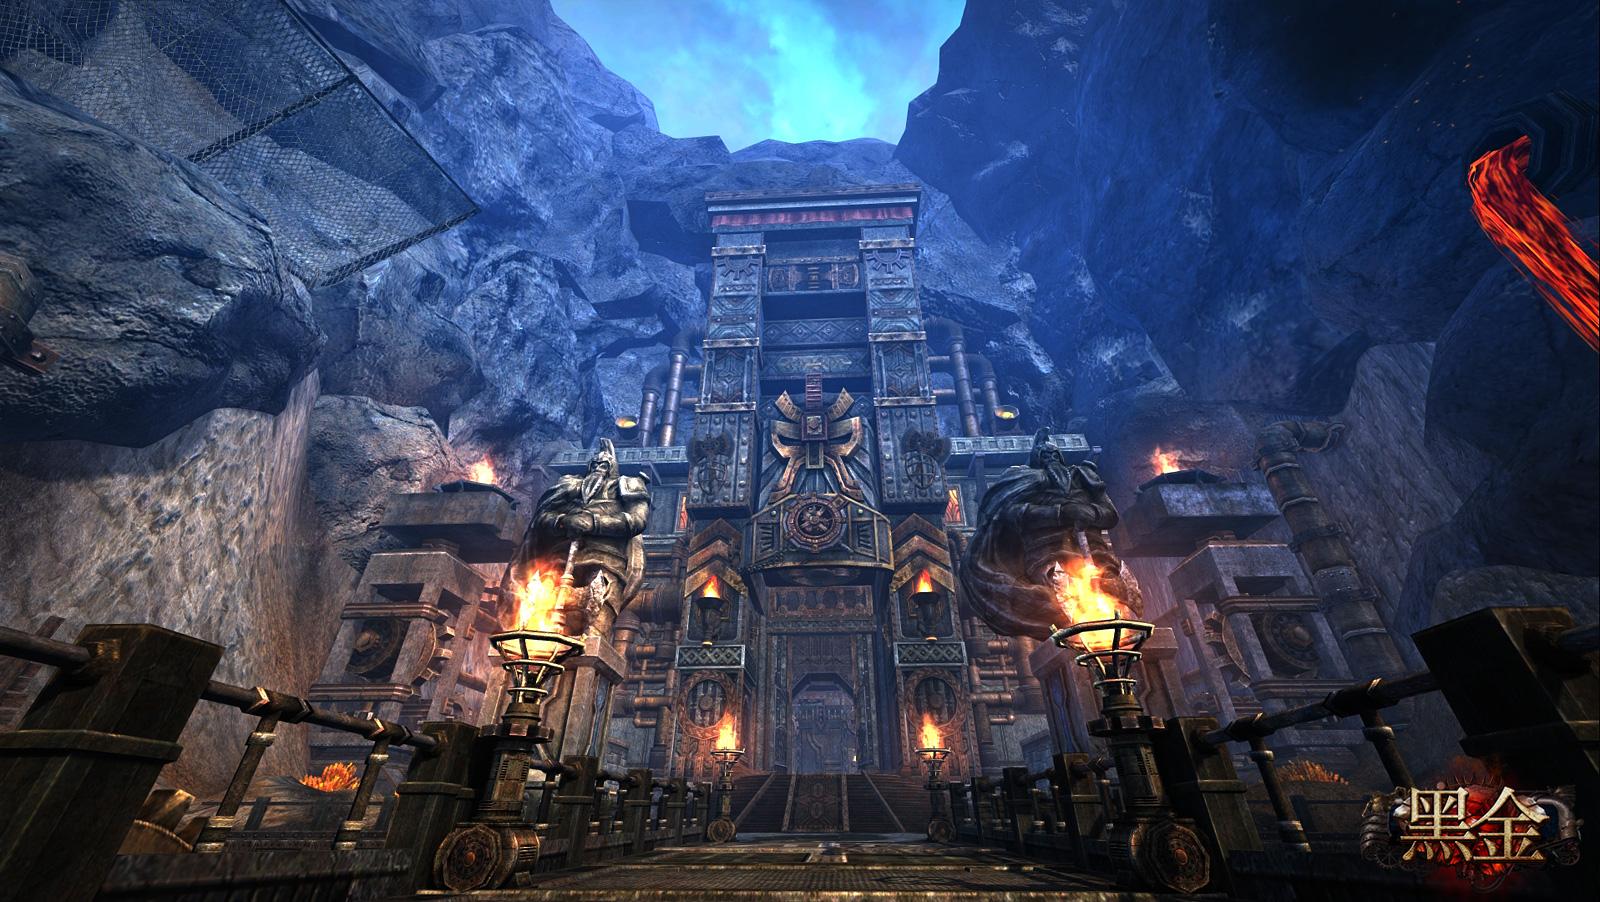 《黑金》採原廠自製的Flexi引擎開發,Flexi引擎過去曾在業界獲得多項大獎,並為線上武俠遊戲大作《九陰真經》打造出爛漫唯美的場景,在經過不斷優化後,強化版的Flexi引擎為《黑金》在物理碰撞擬真運算、實時光影渲染帶來更佳的表現。在遊戲裡,玩家隨時都能感受和環境之間的互動,例如角色跑過草地時,人物腳邊捲起的風會影響到周圍花草的擺動,絲縷陽光會隨著樹葉搖曳而改變在人物身上的投影,水面花紋亦會隨著場景中的氣流波動而有更自然逼真的呈現,細膩之餘,更具感染張力。